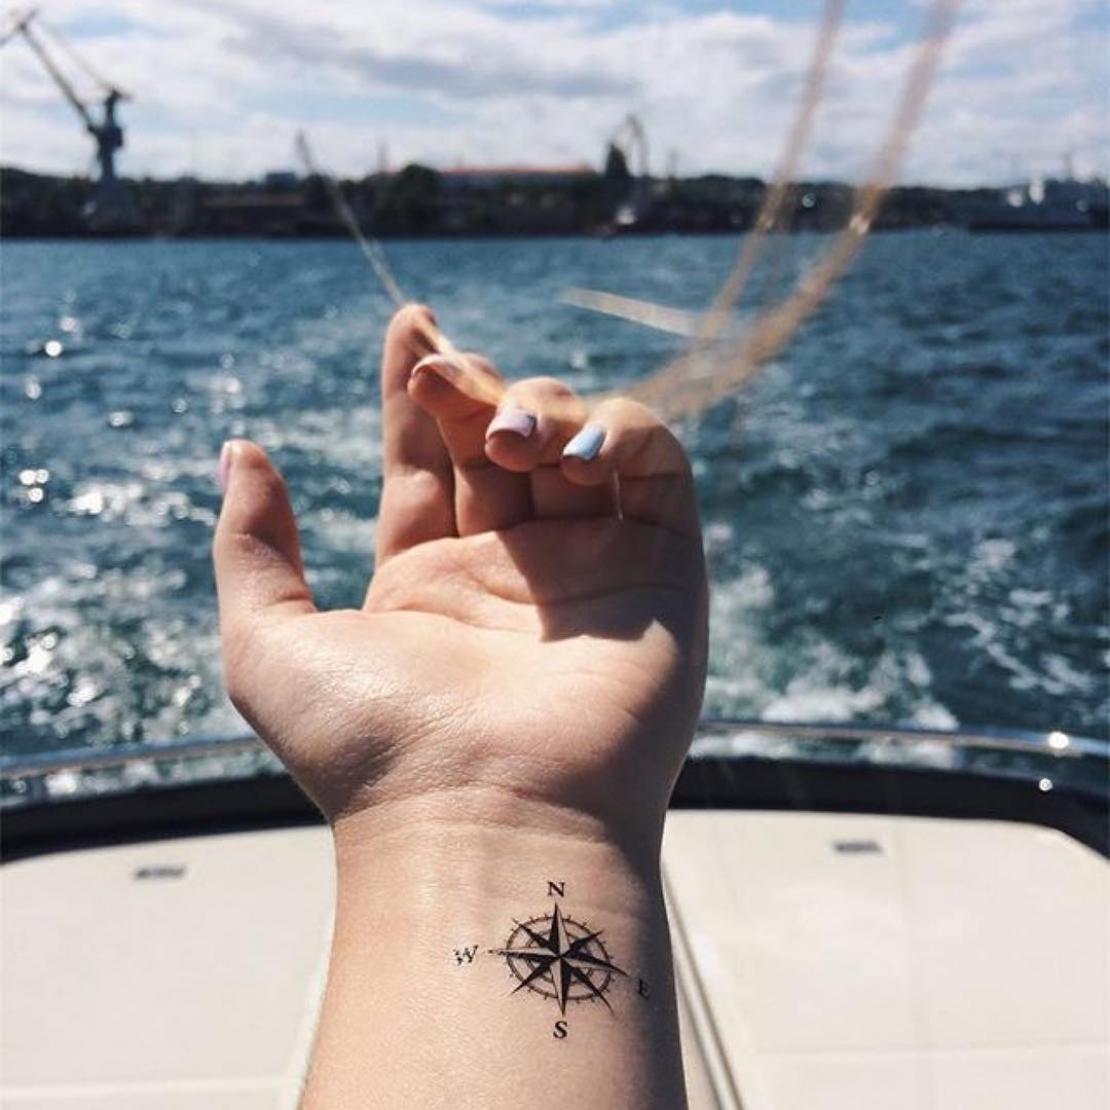 Временная татуировка компас на руке